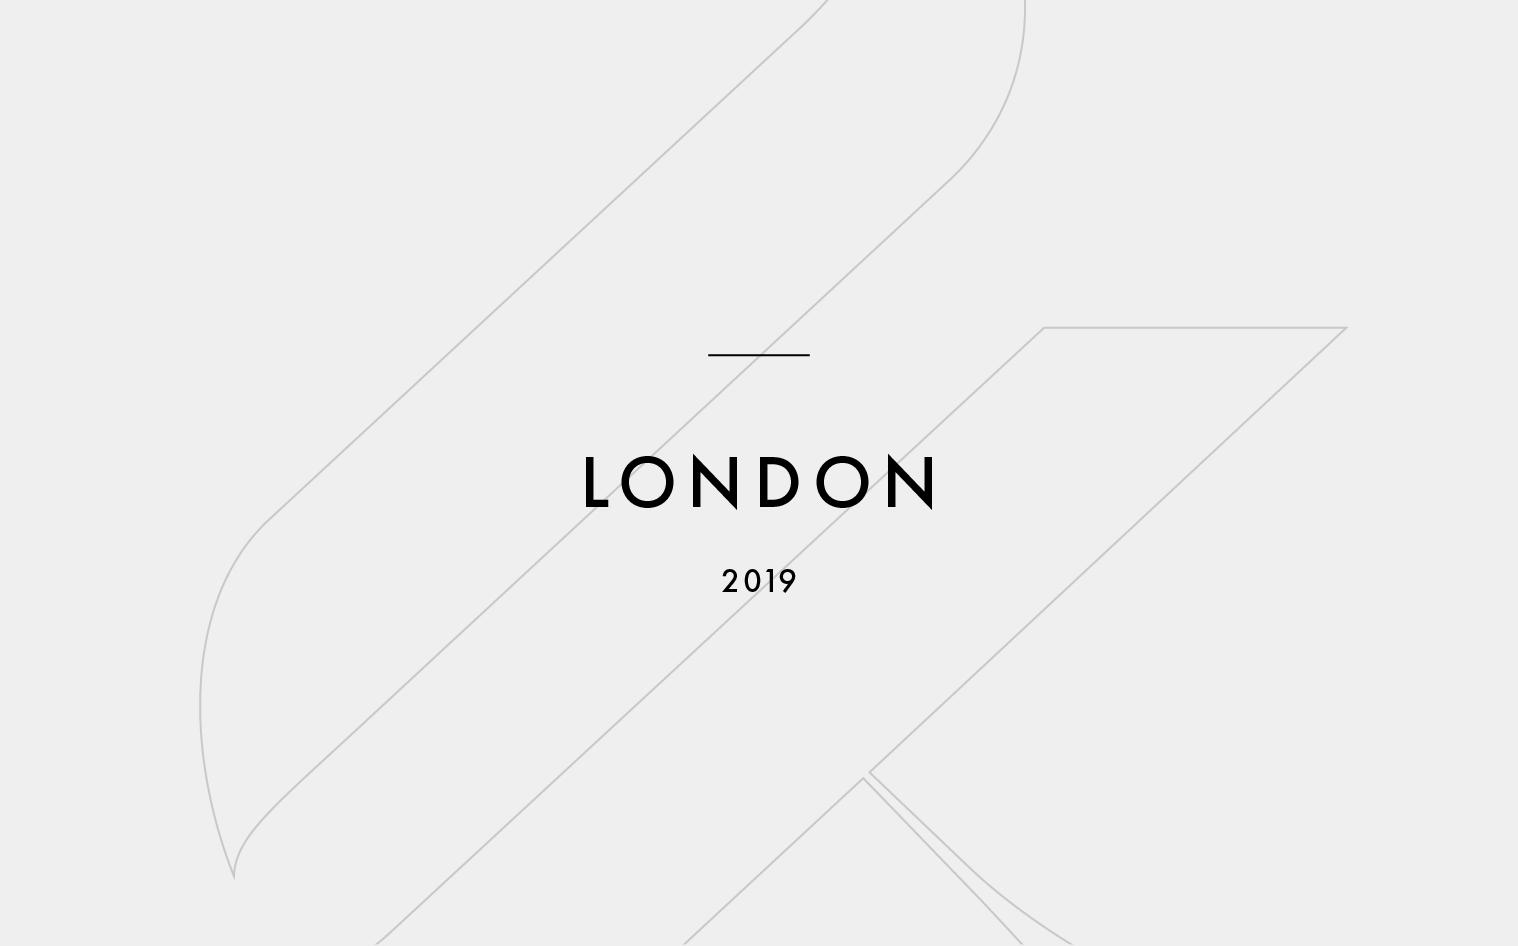 London-Coming Soon-19.jpg